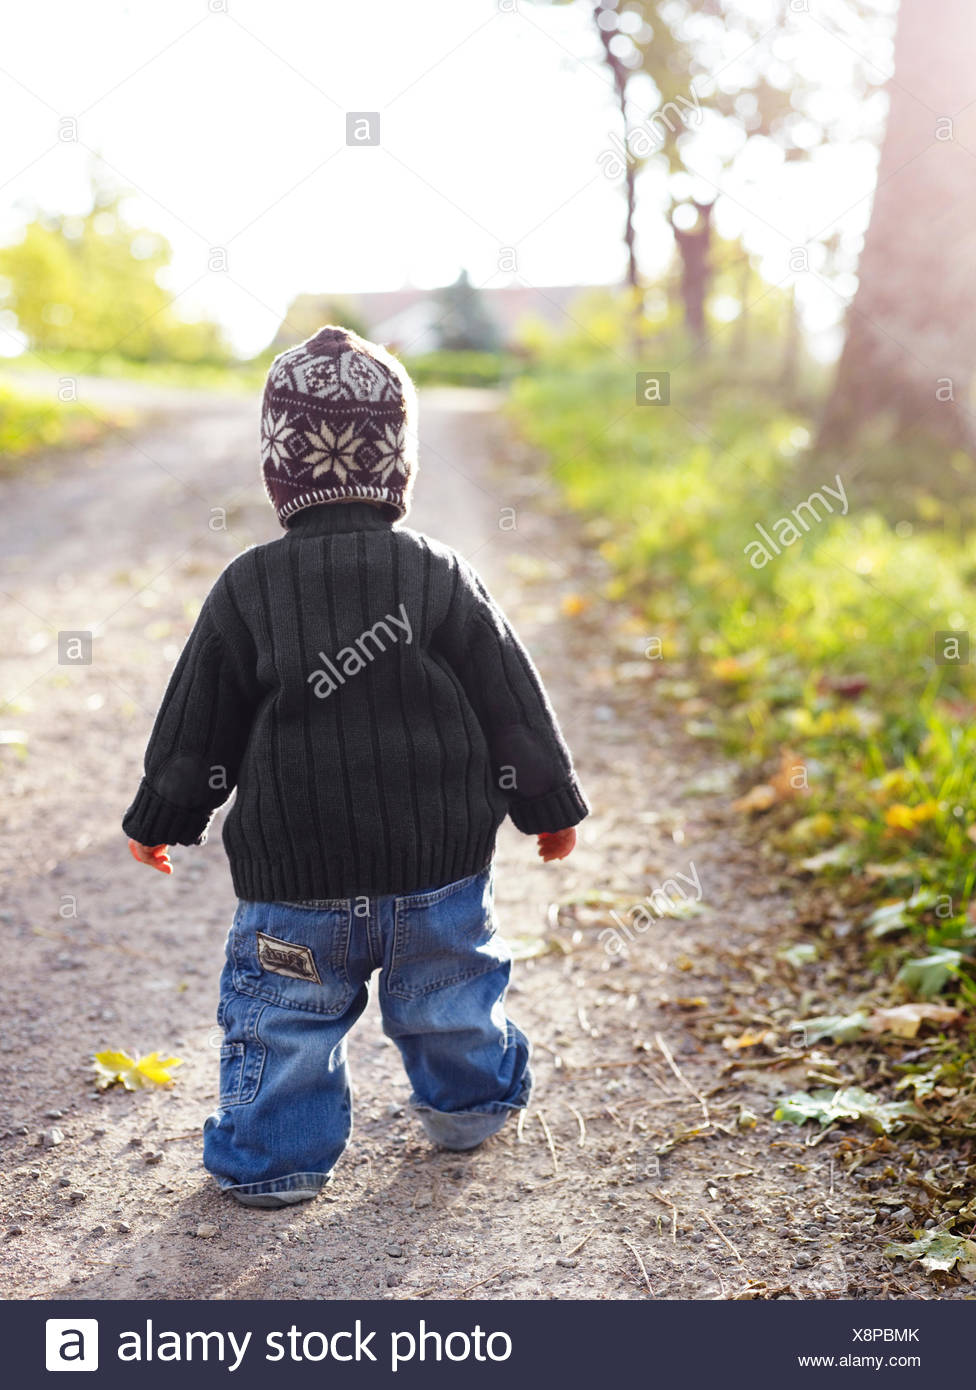 Un bambino a camminare su una strada, Svezia. Immagini Stock